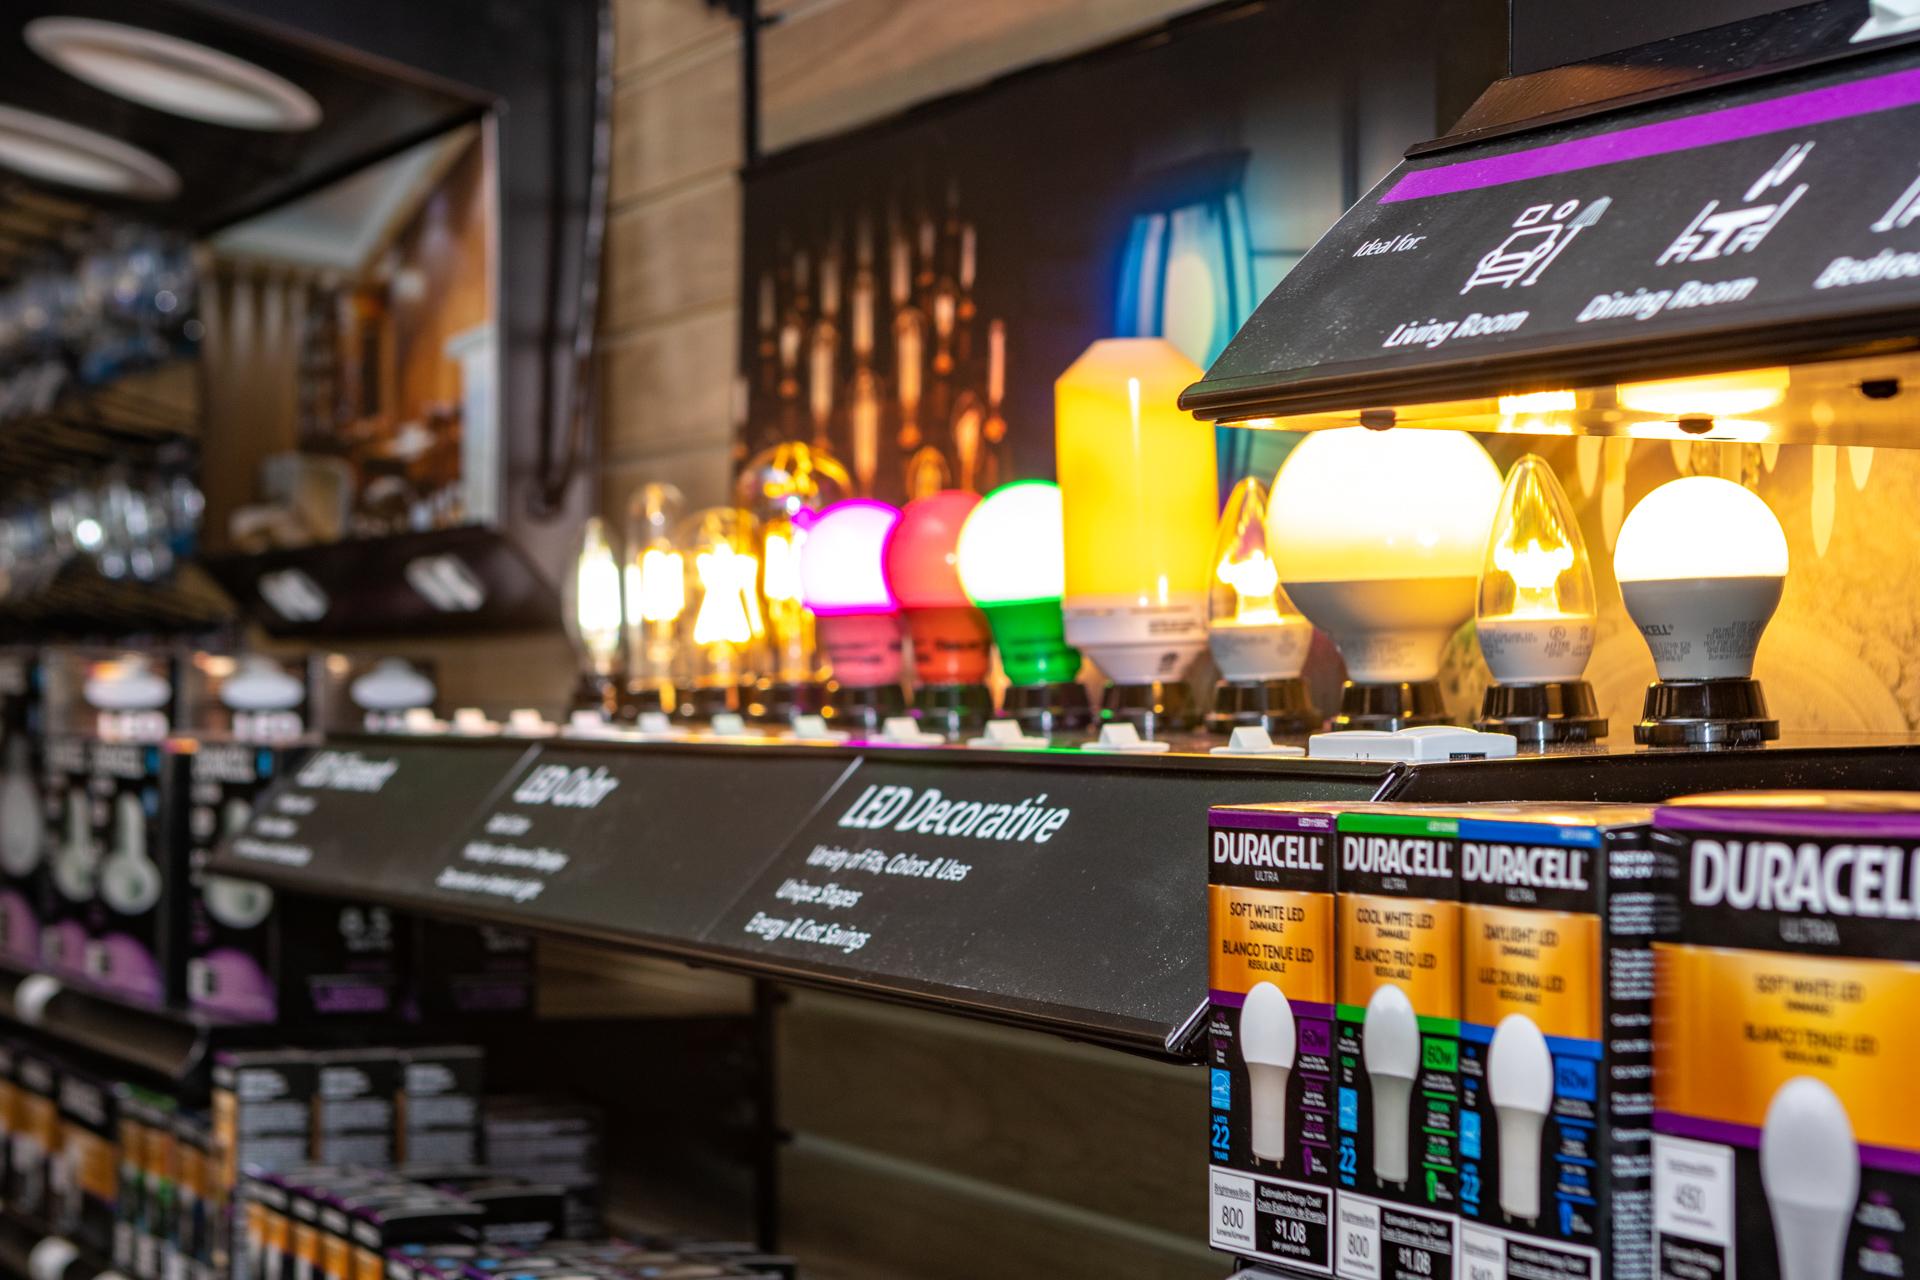 Lightbulb showcase